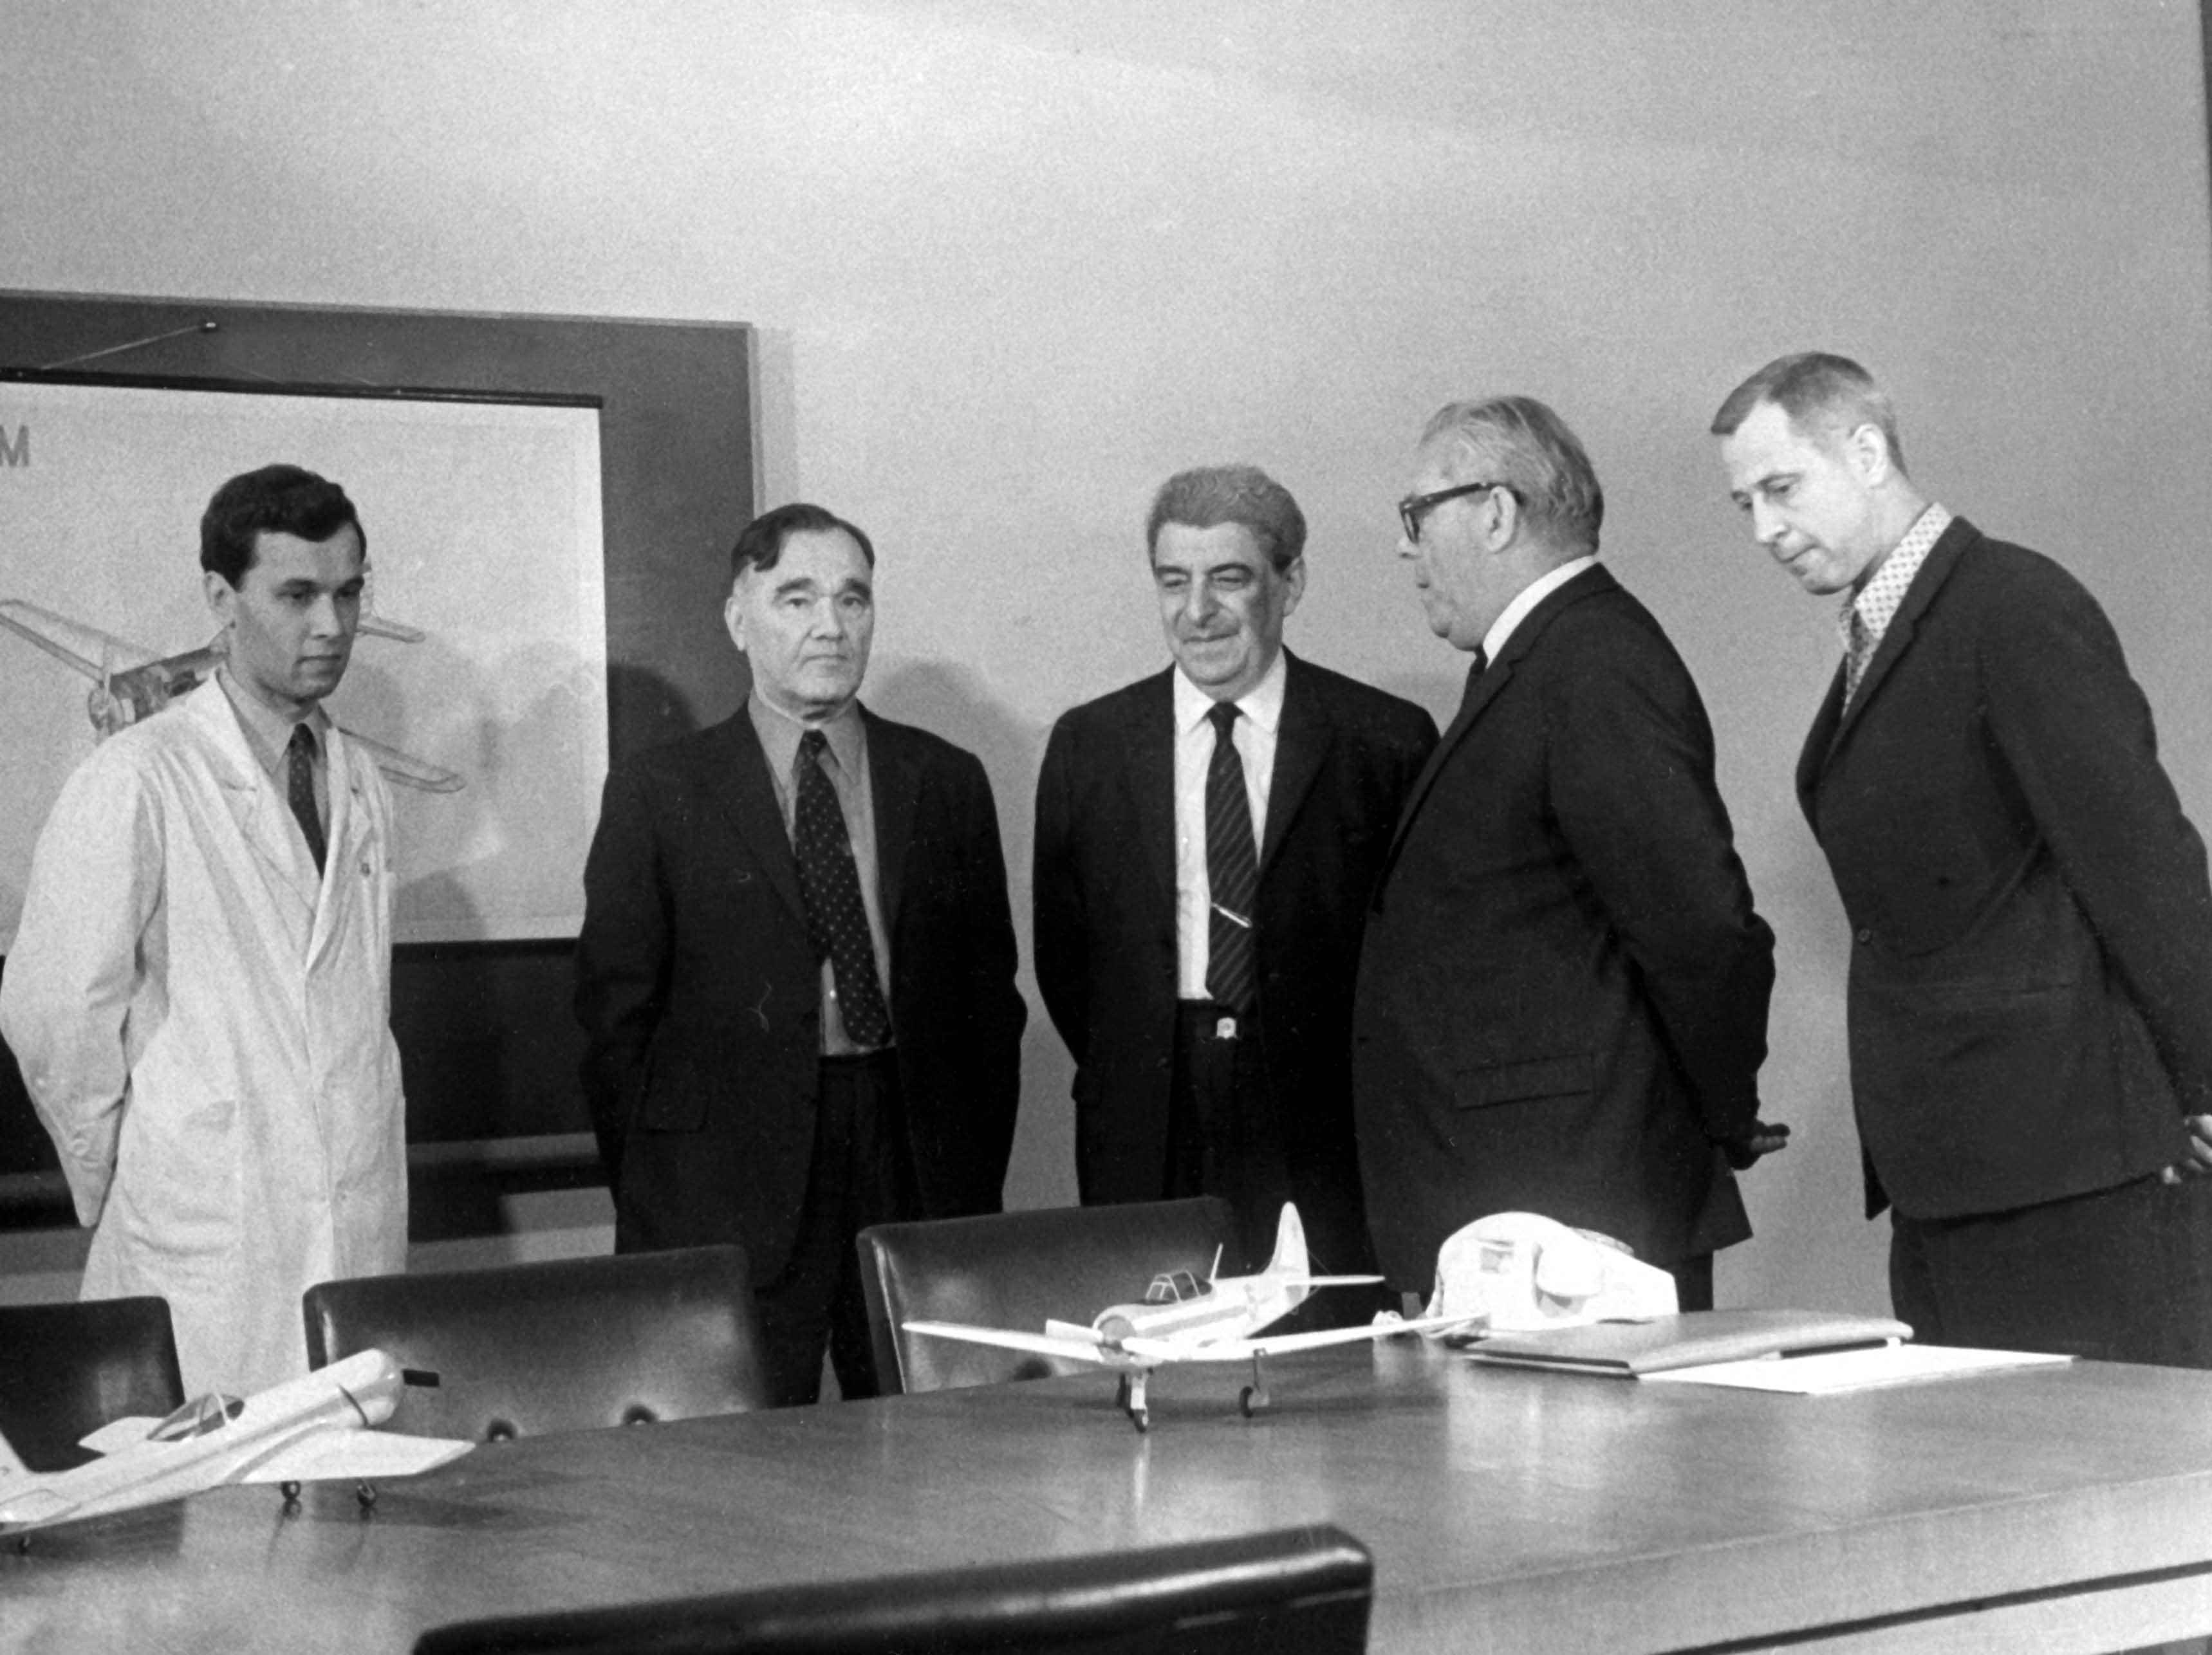 Экспонат #82. В ОКБ им. А.С. Яковлева. 1972-1973 гг.